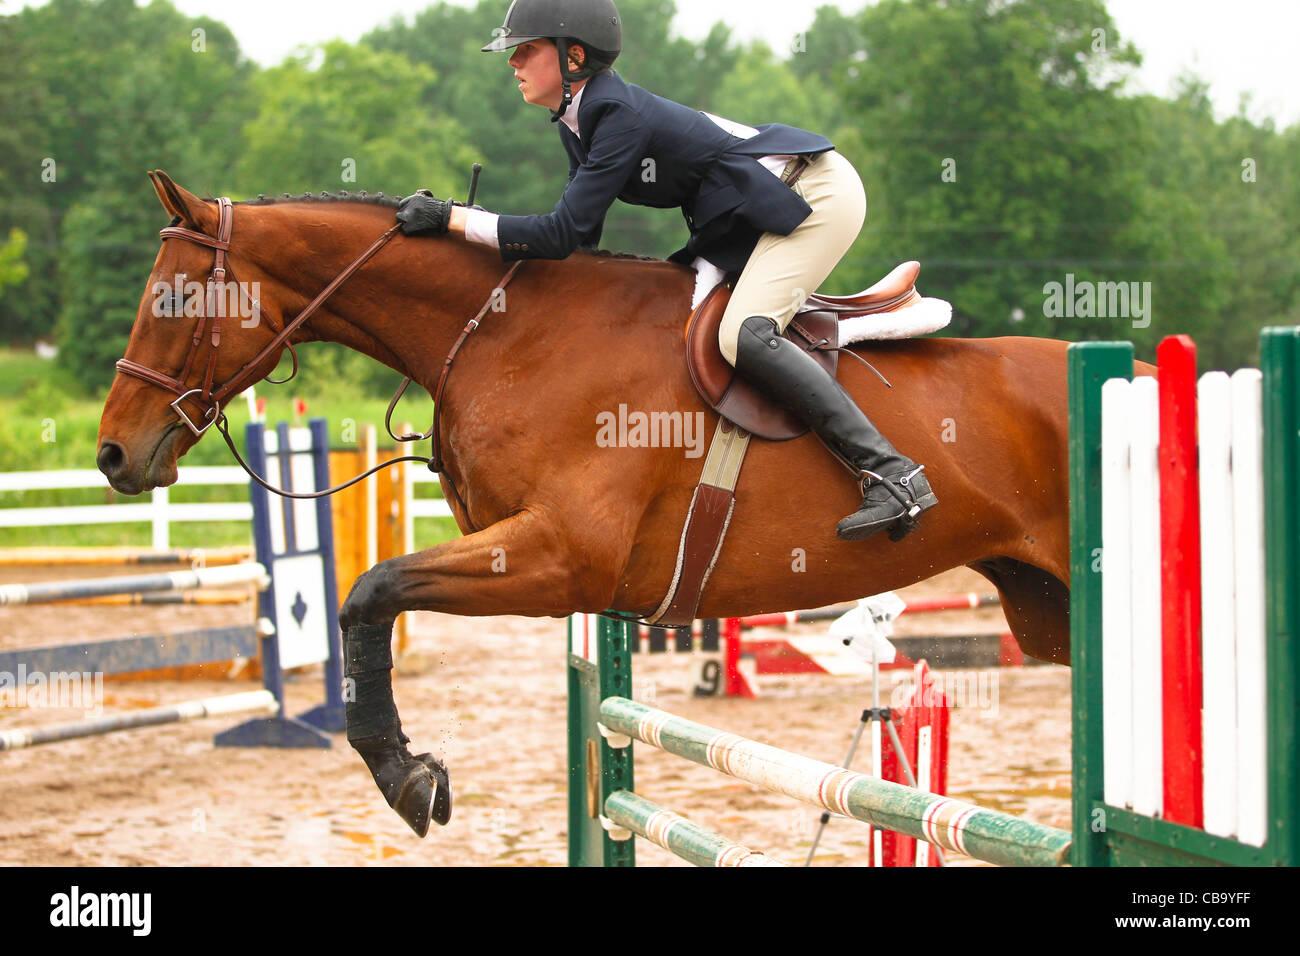 Bay horses jumping